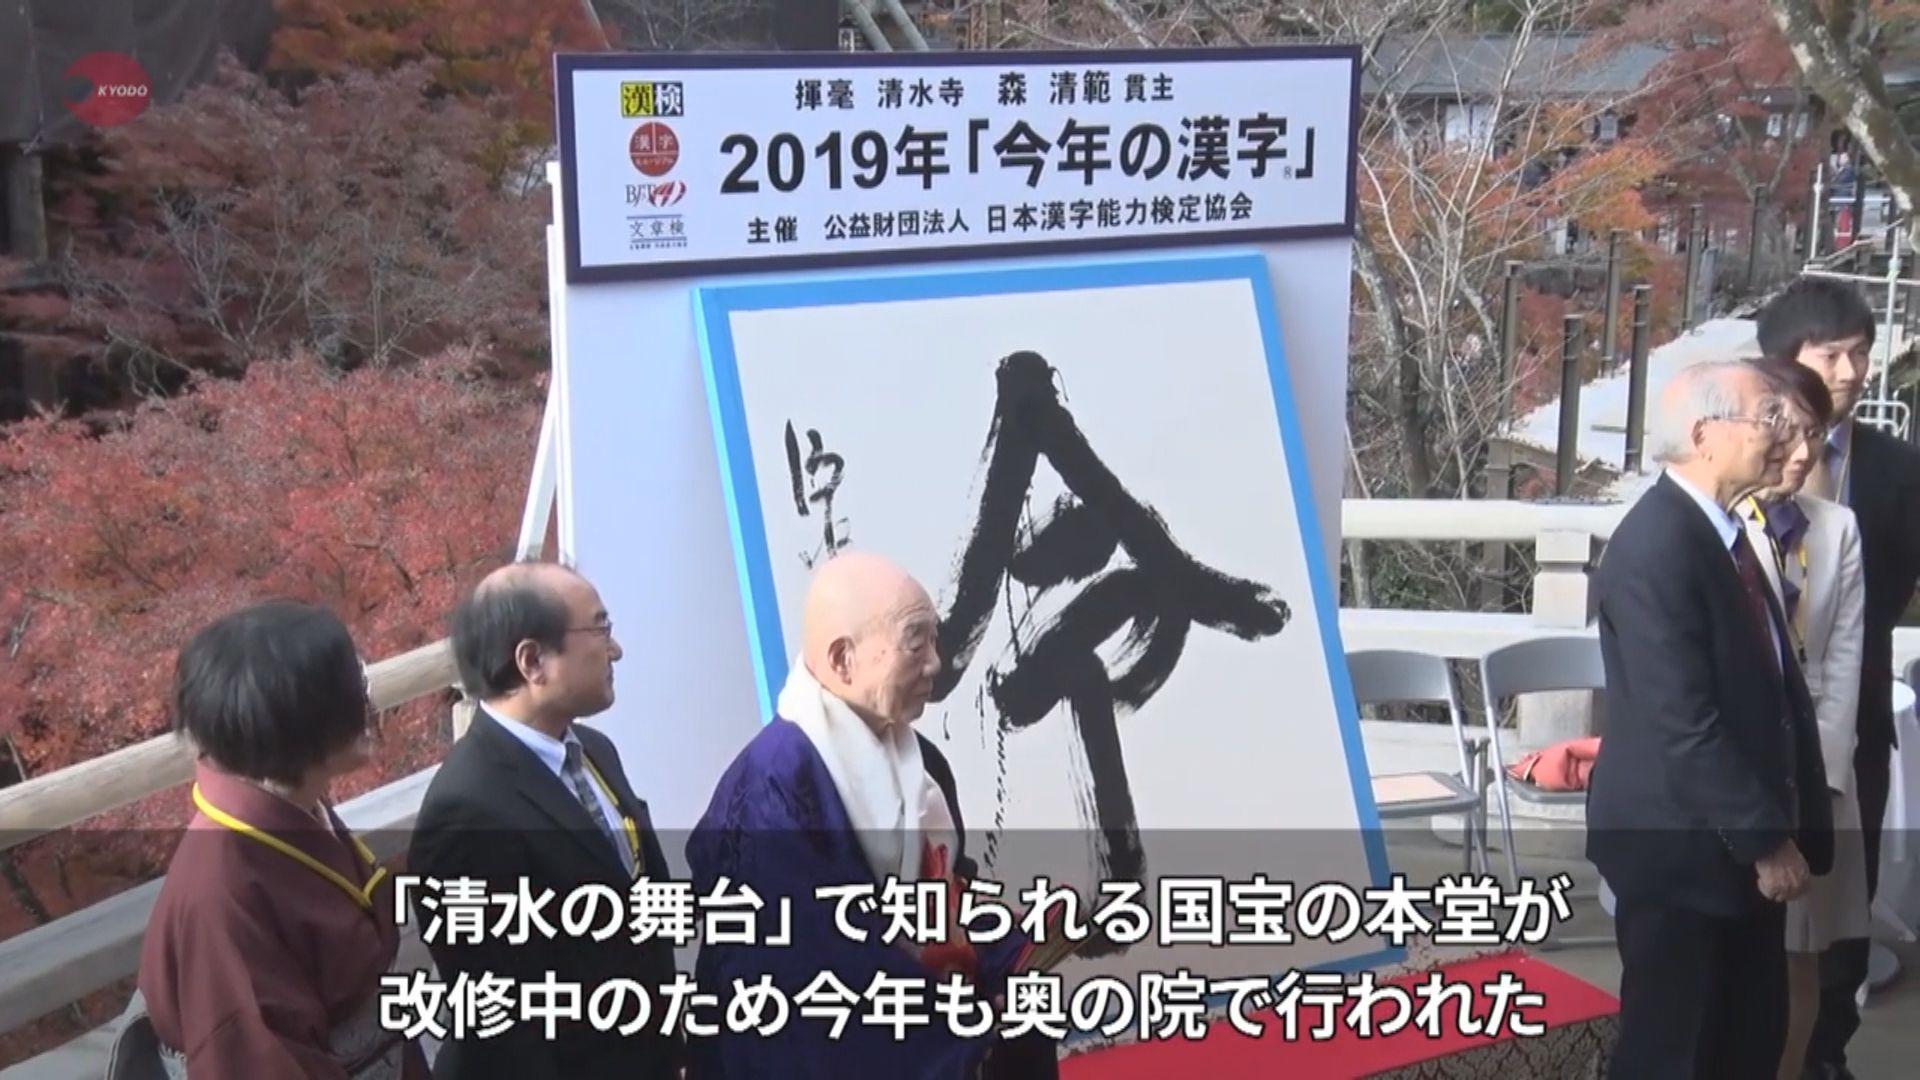 【環球薈報】日本選出「令」字為年度漢字